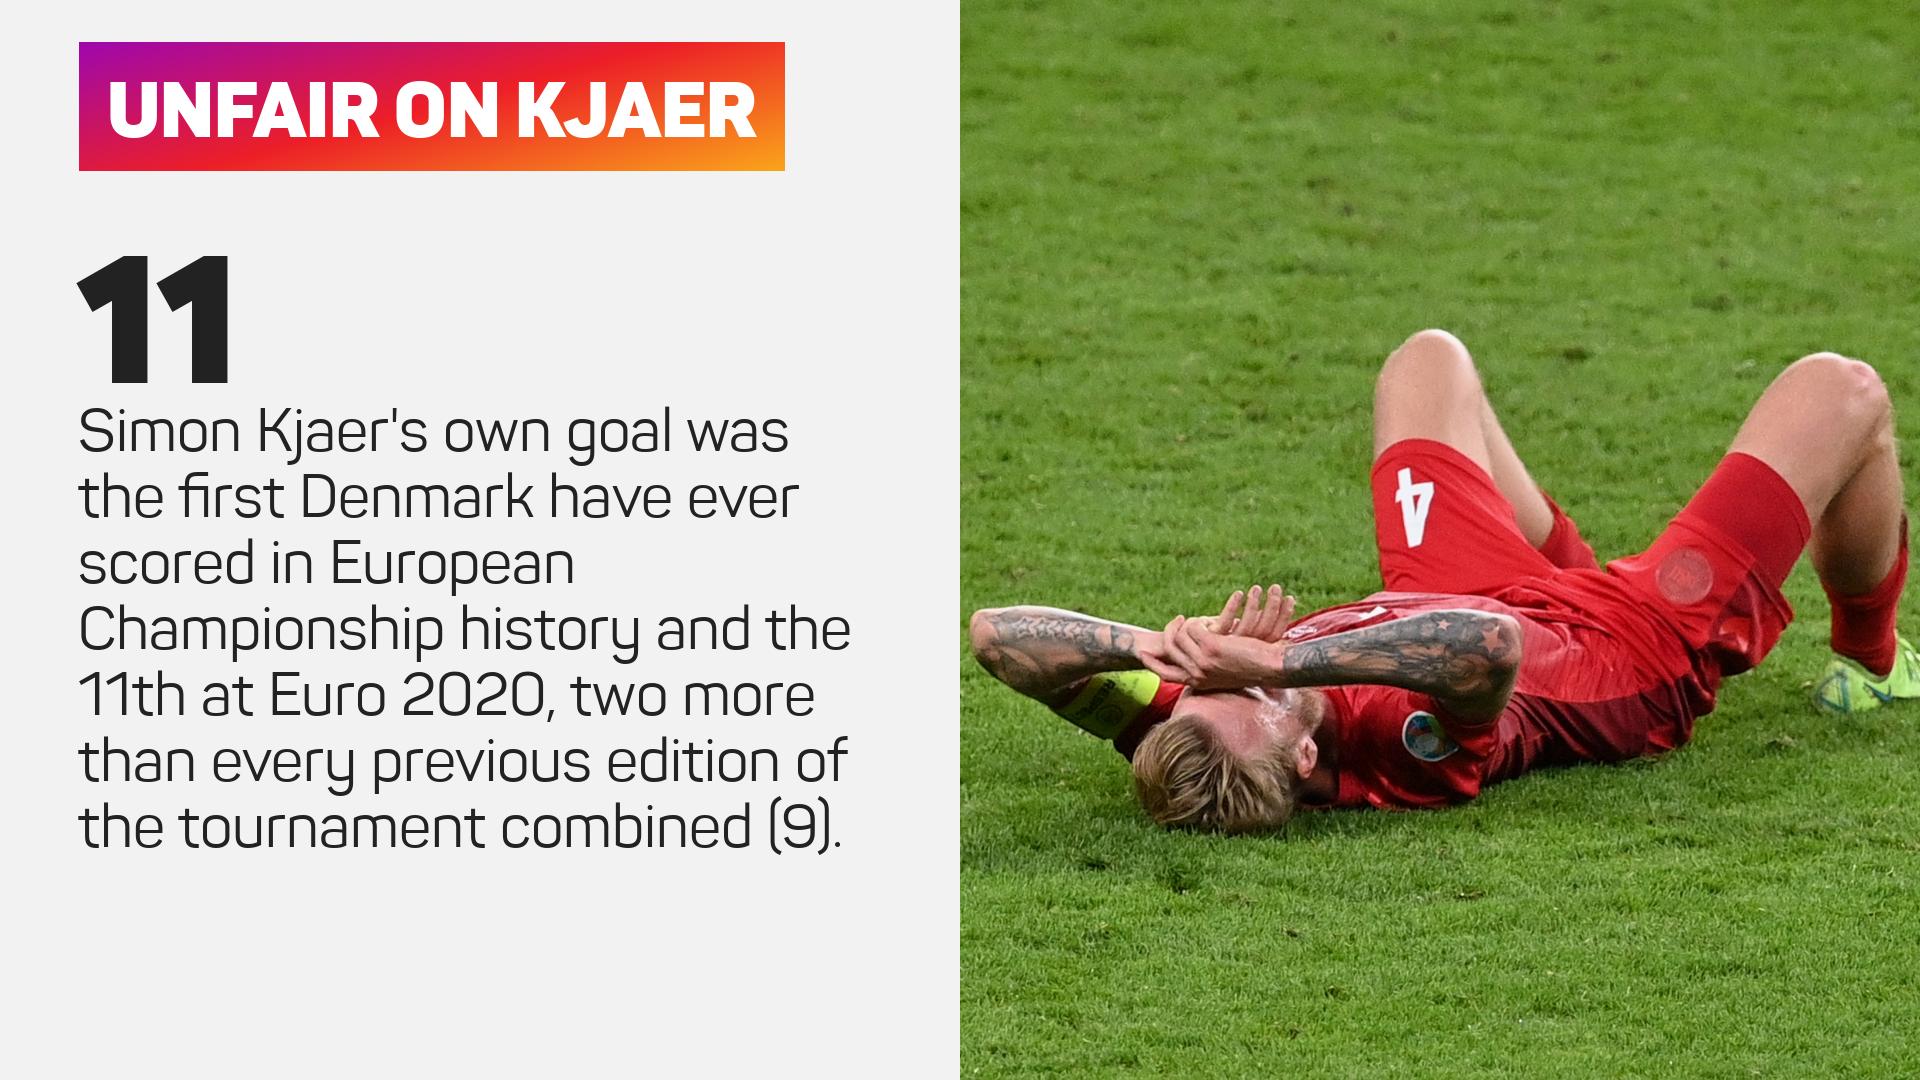 Simon Kjaer own goal